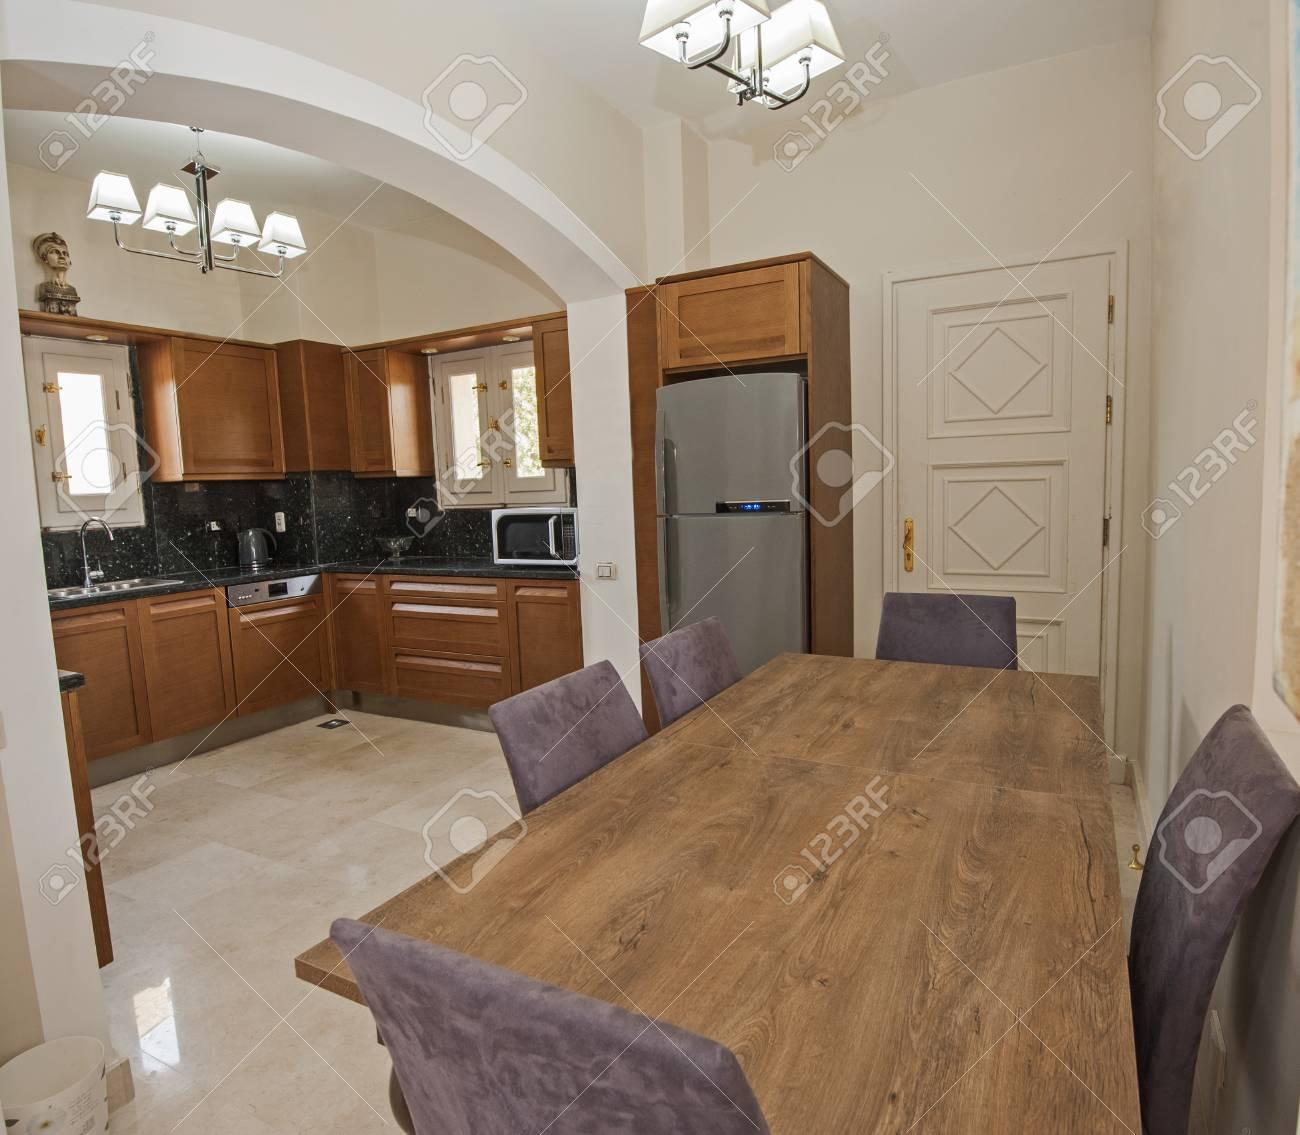 Küche Und Essbereich In Luxus-Wohnung Zeigen Nach Hause Zeigt ...